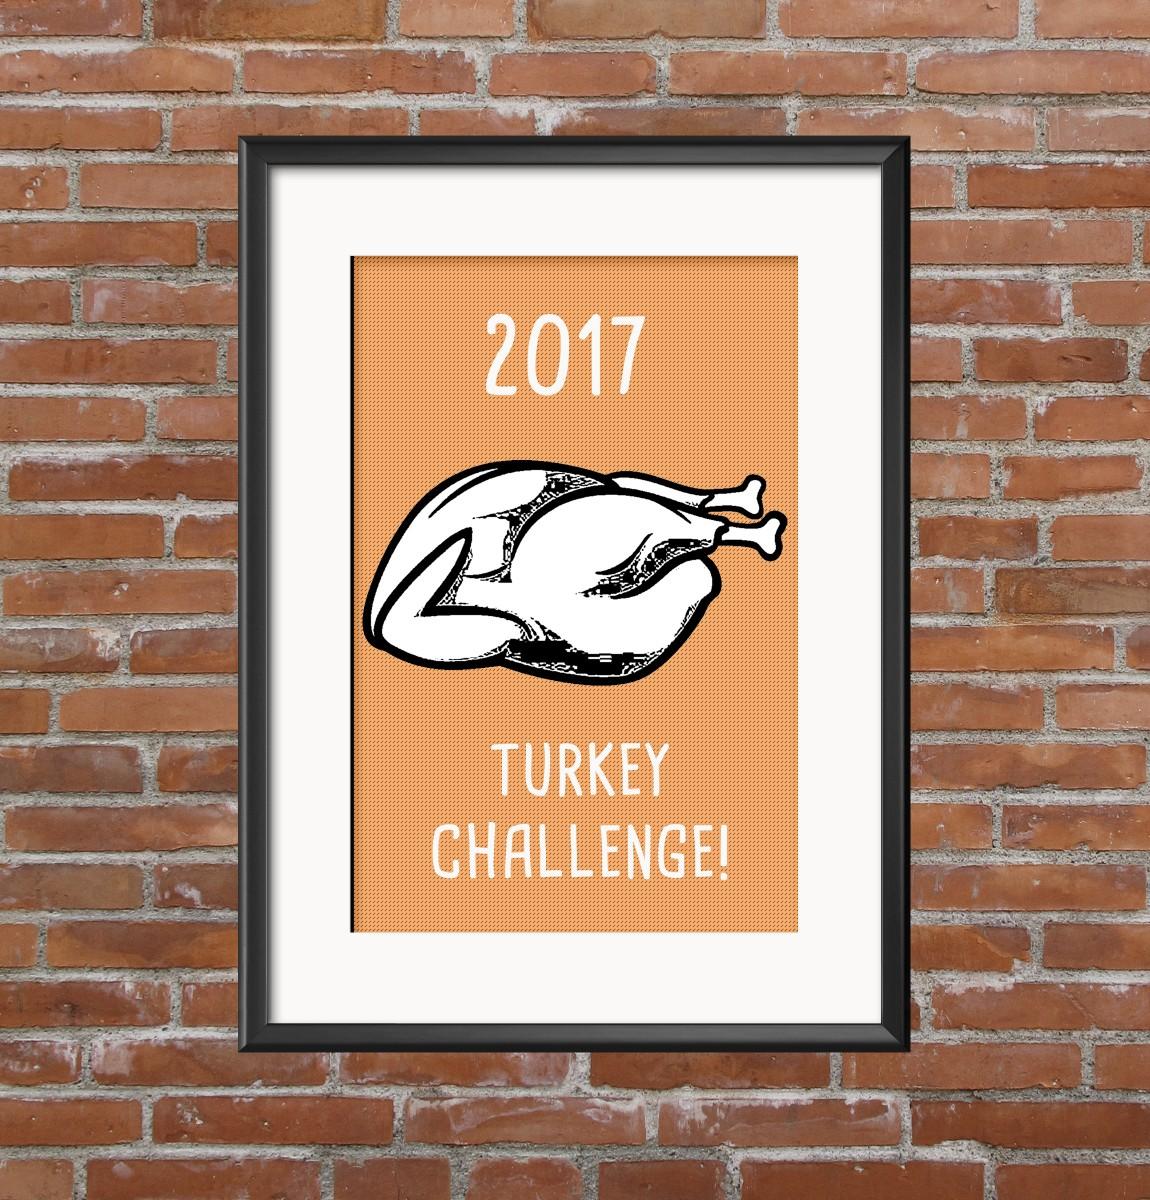 WabiSabi's 2017 Turkey Challenge is here!